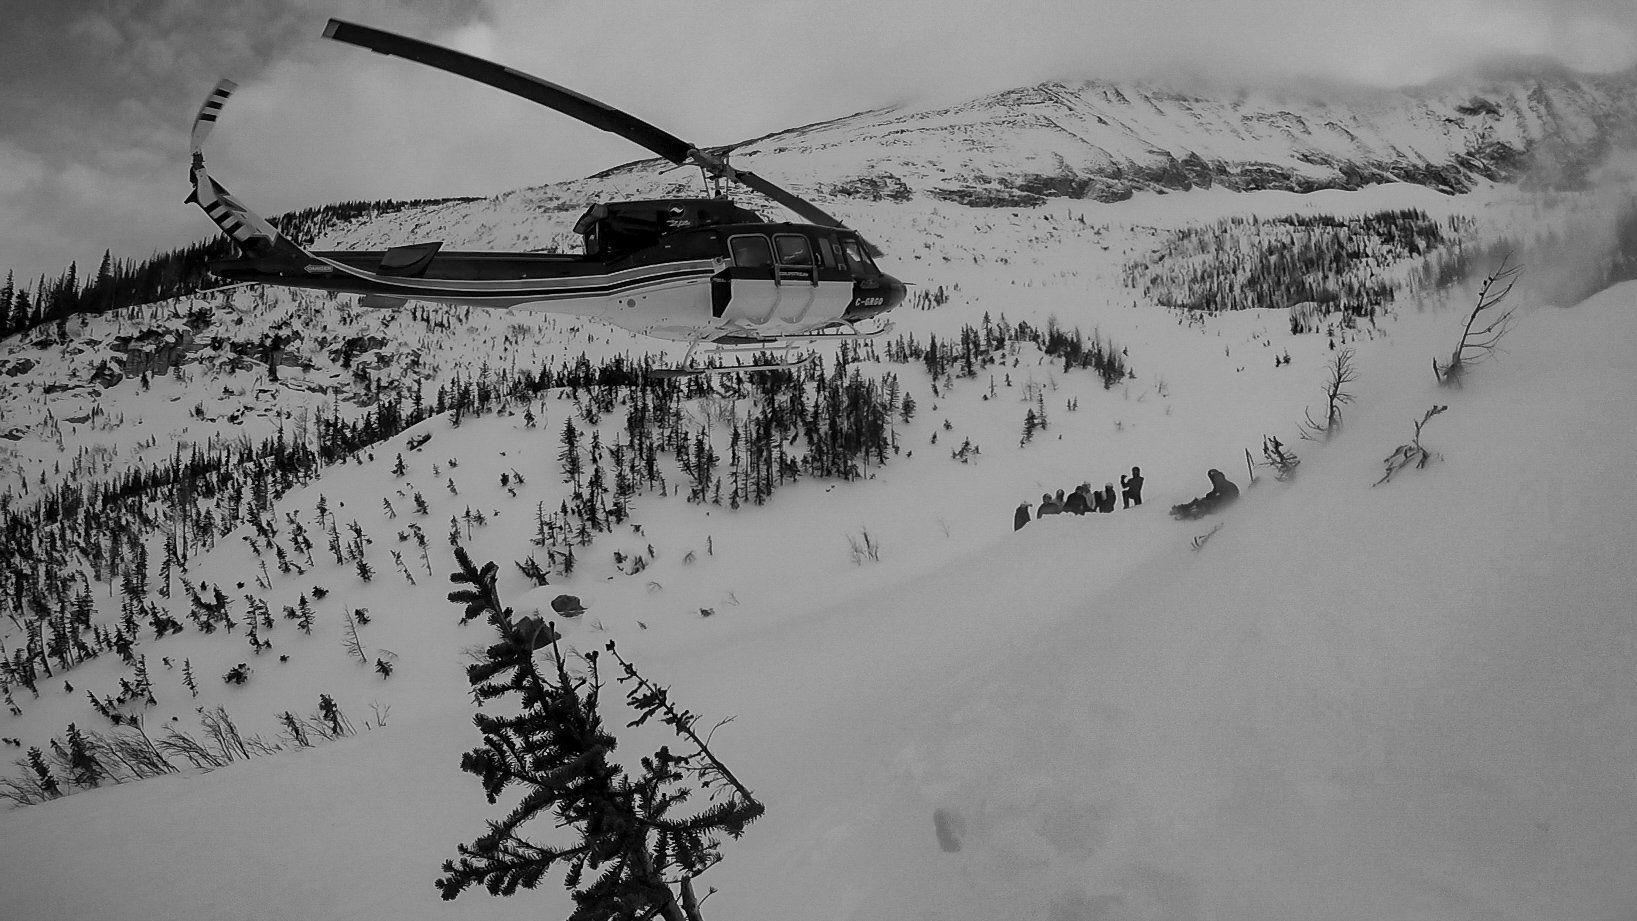 Hélicoptère prêt à récupérer un group de skieurs